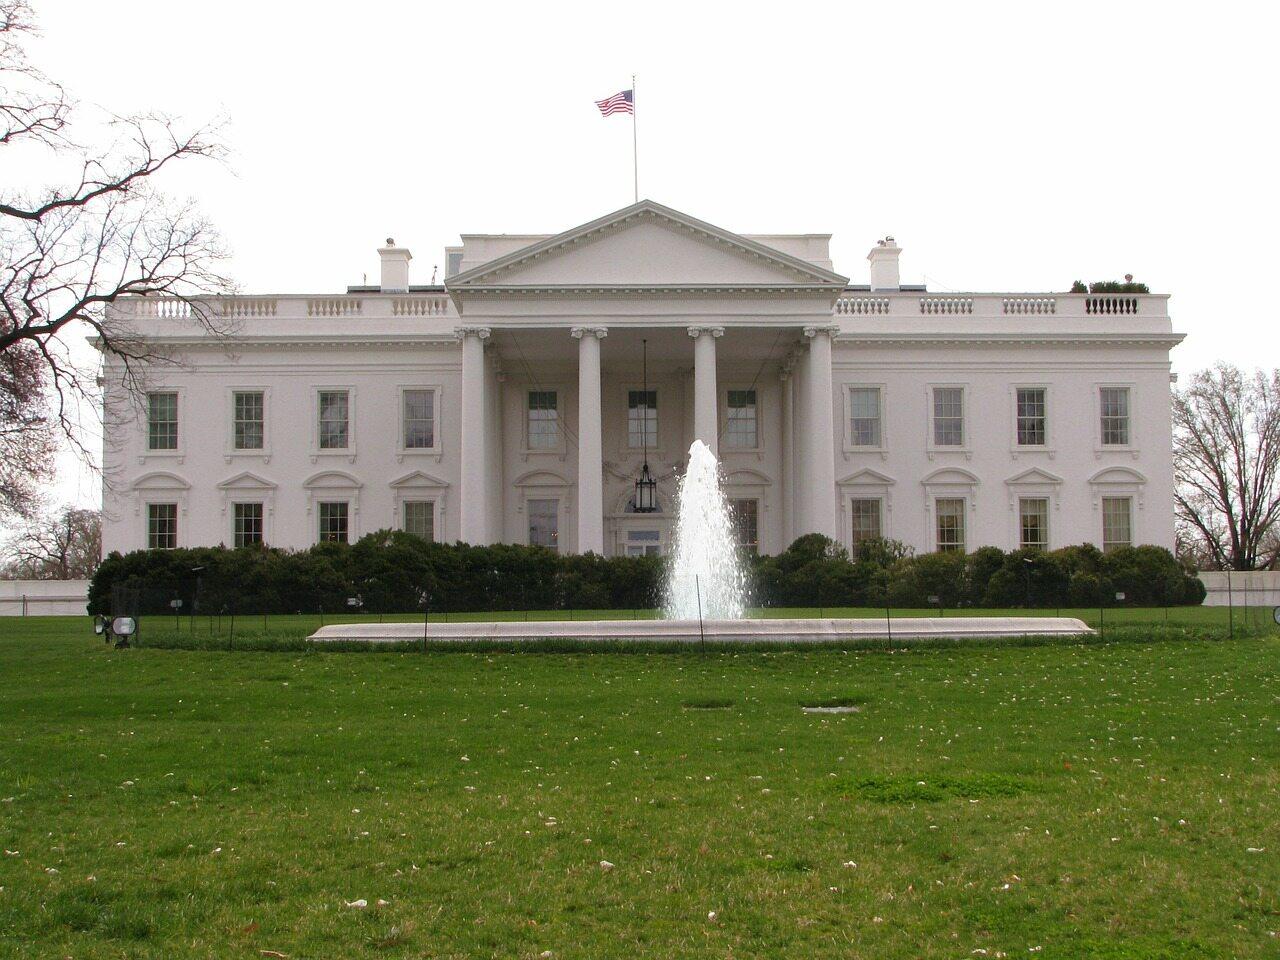 SIedziba prezydenta USA